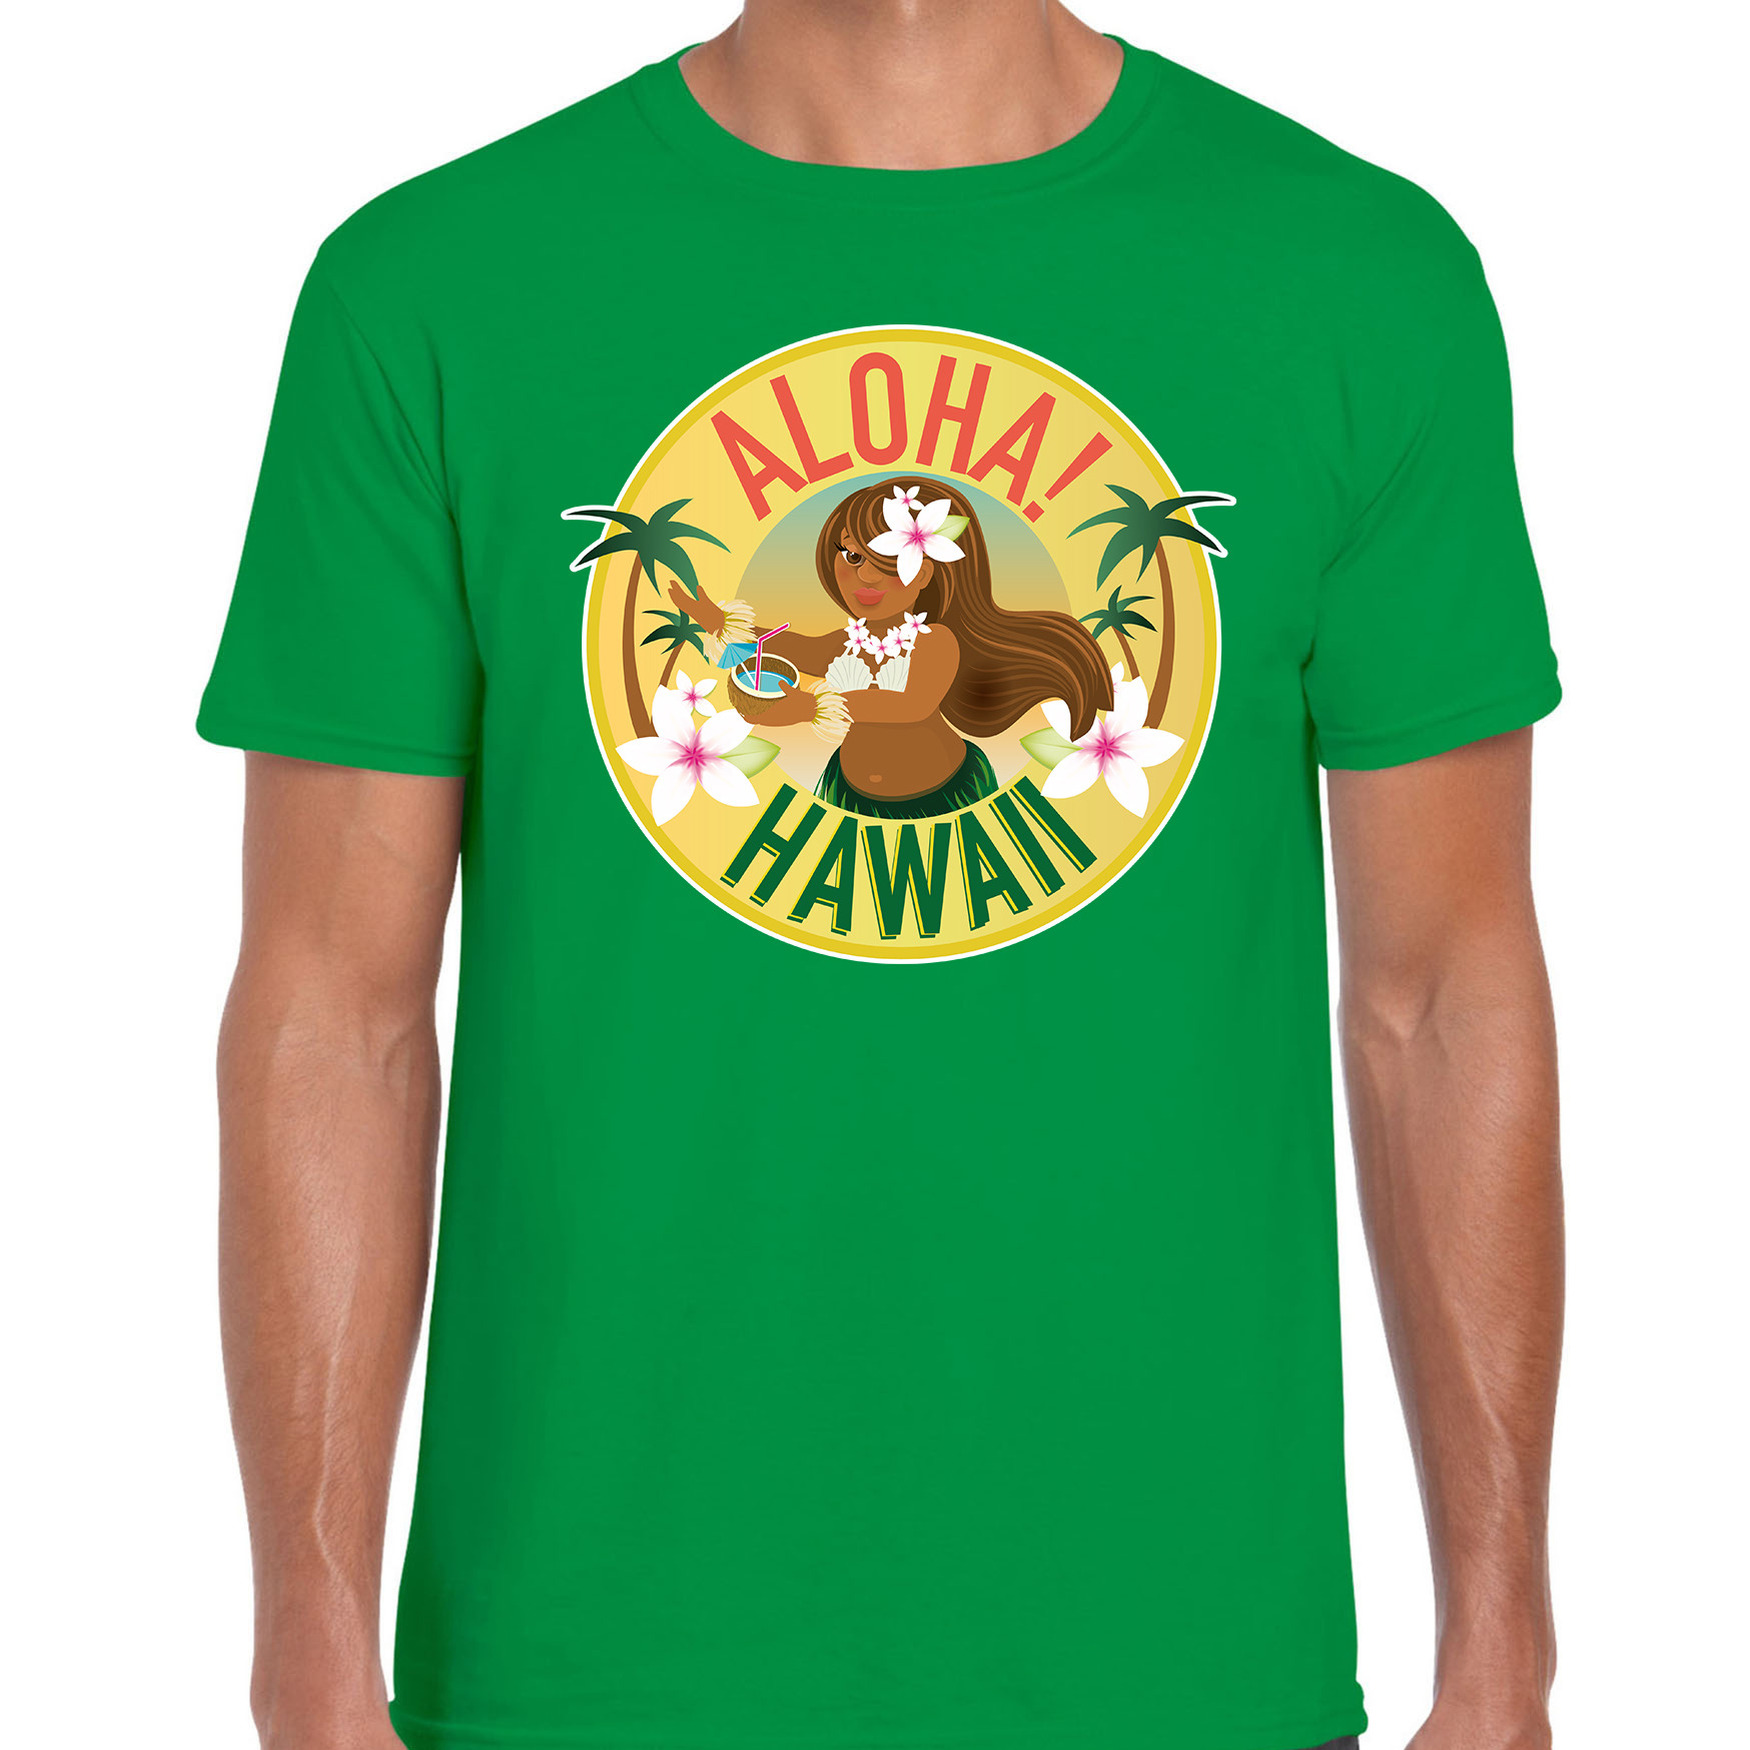 Hawaii feest t-shirt - shirt Aloha Hawaii groen voor heren